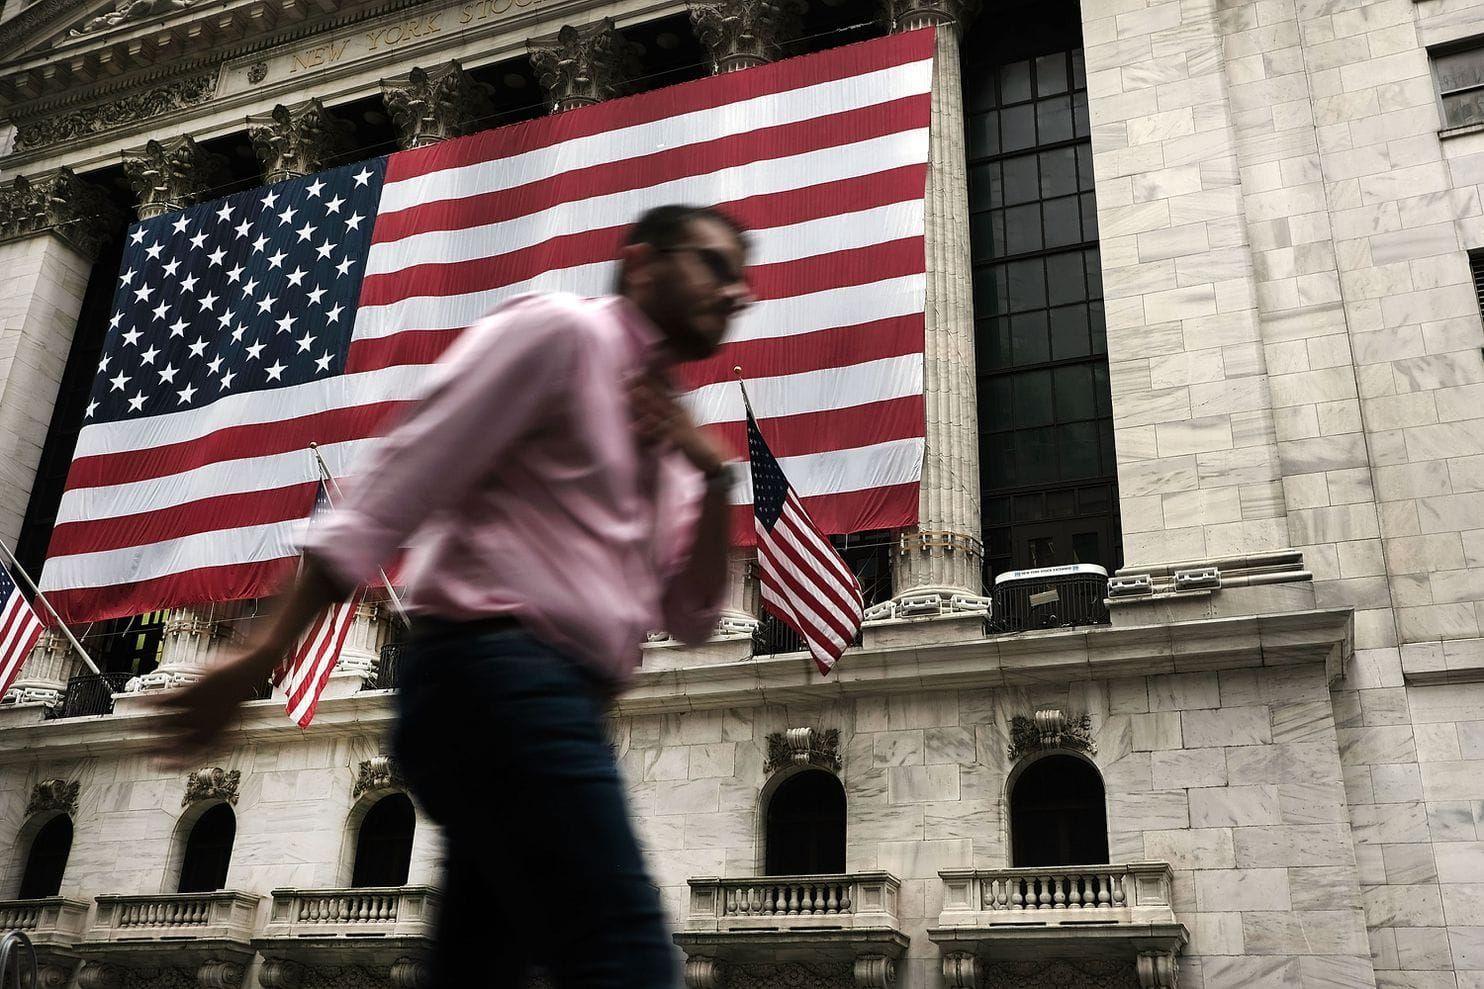 توصيات الأسهم الأمريكية استثمارات الأمد الطويل